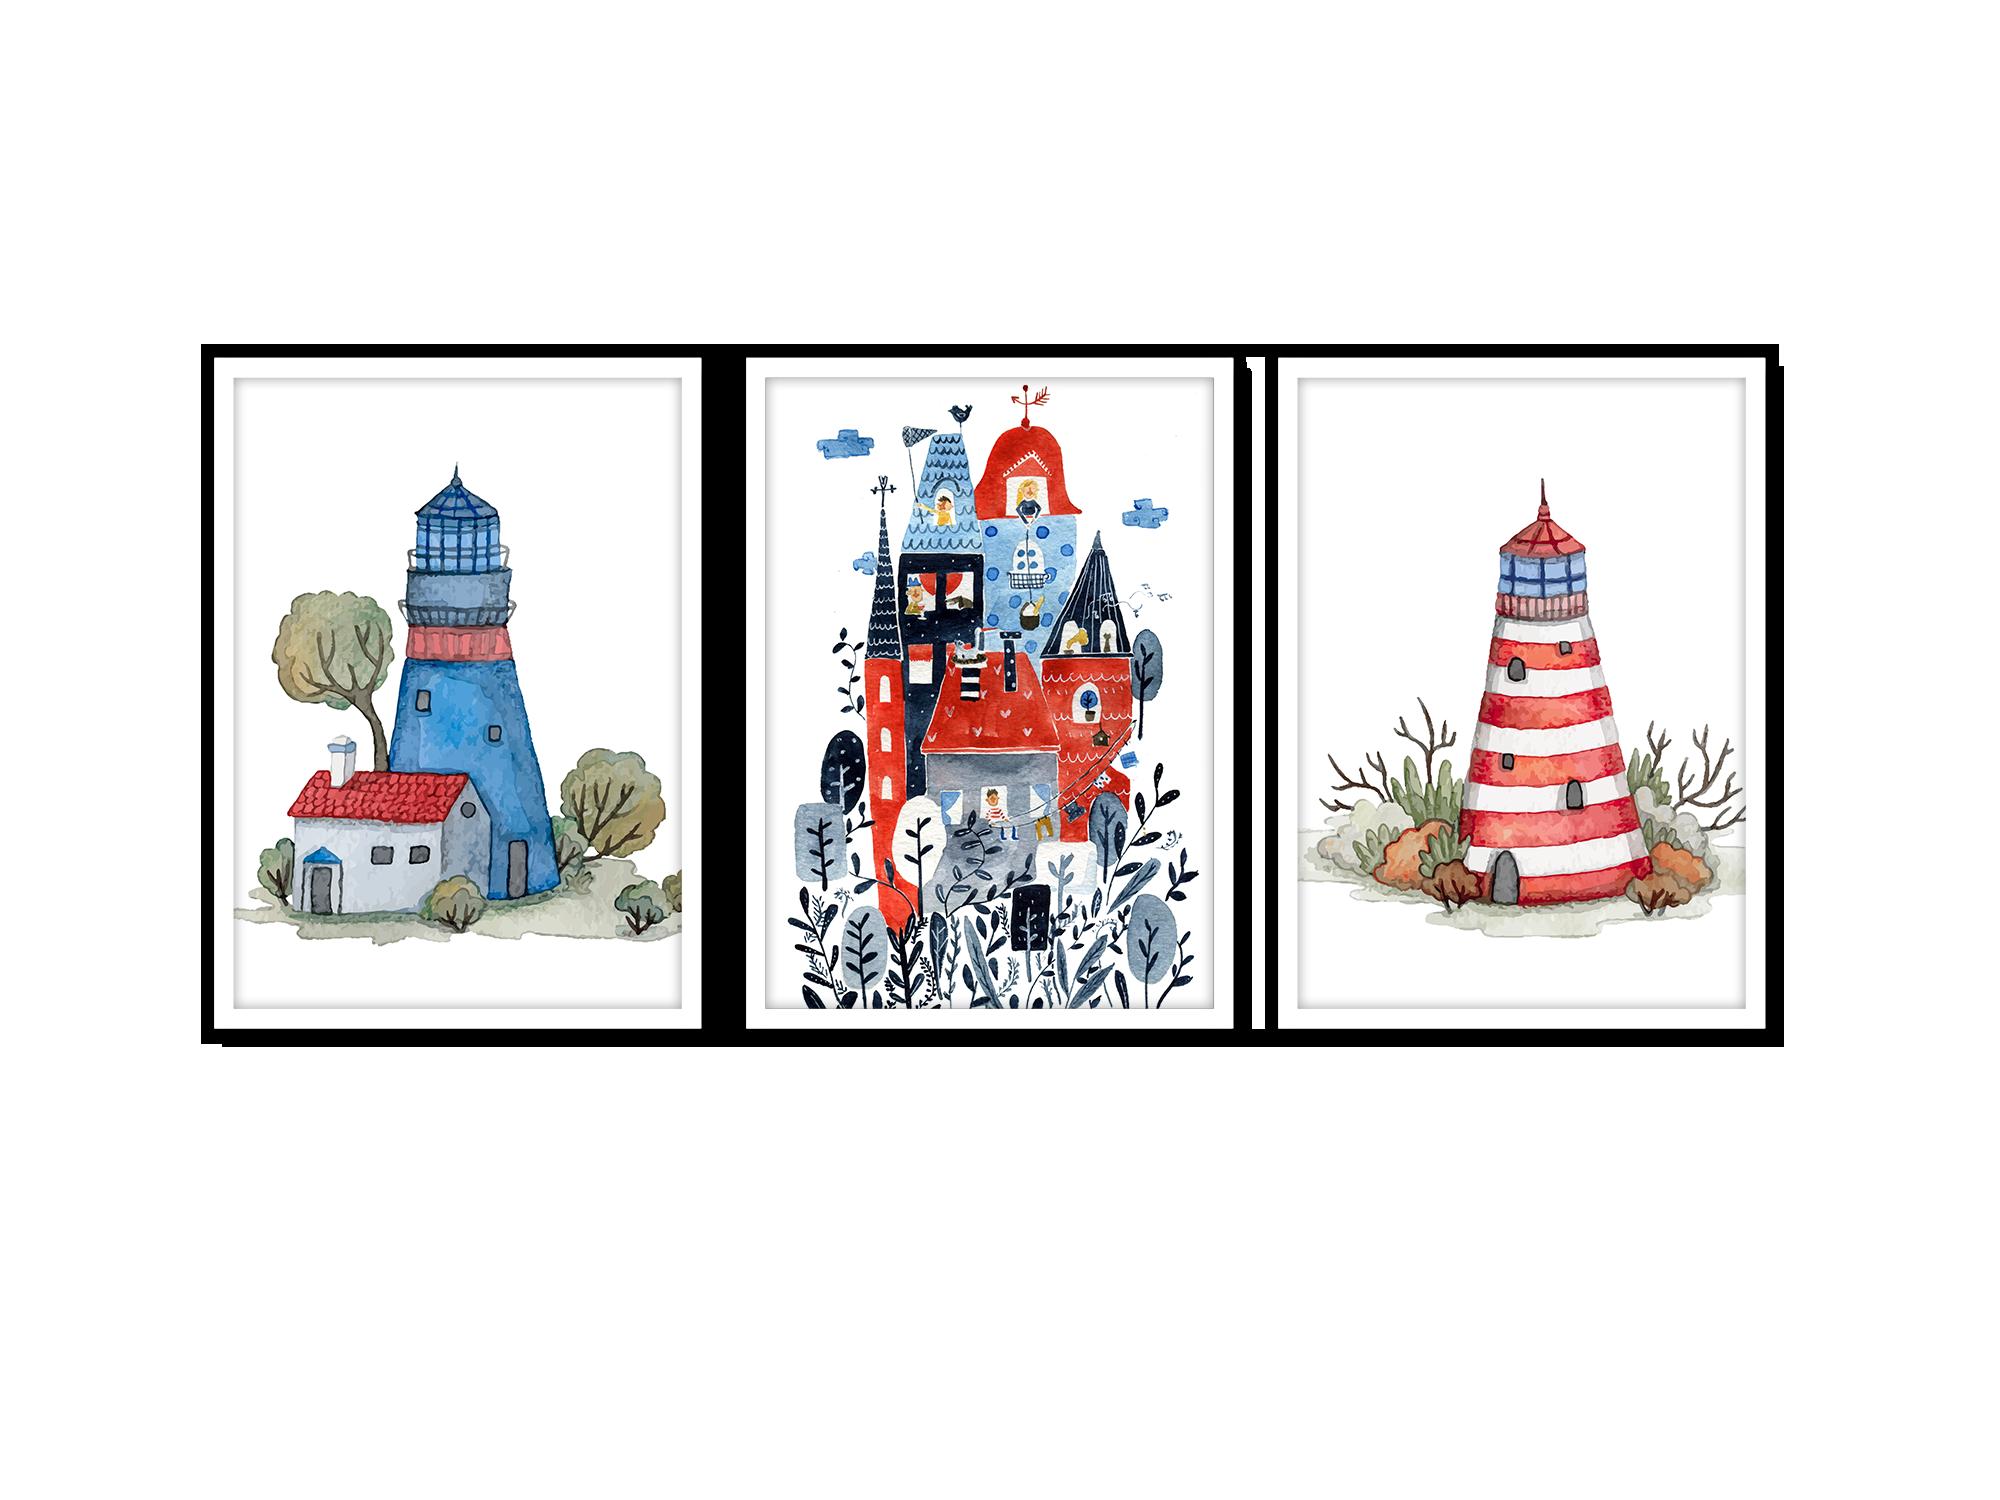 Tranh trang trí phòng trẻ em Castle in dream